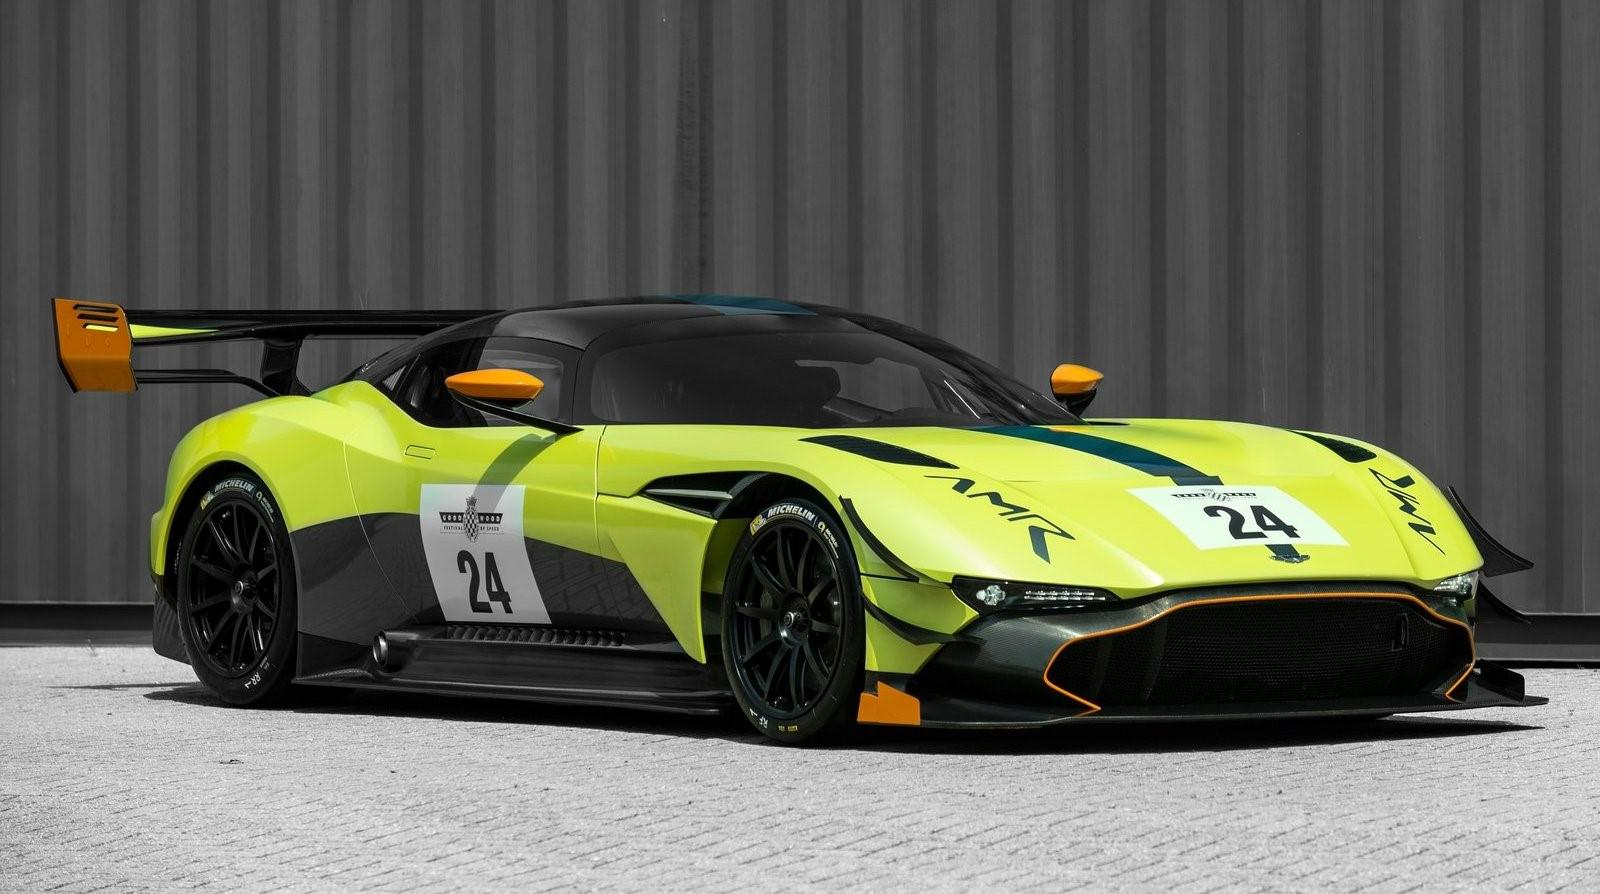 la-voiture-de-piste-la-plus-extreme-au-monde-aston-martin-vulcan-amr-pro-1308-13.jpg